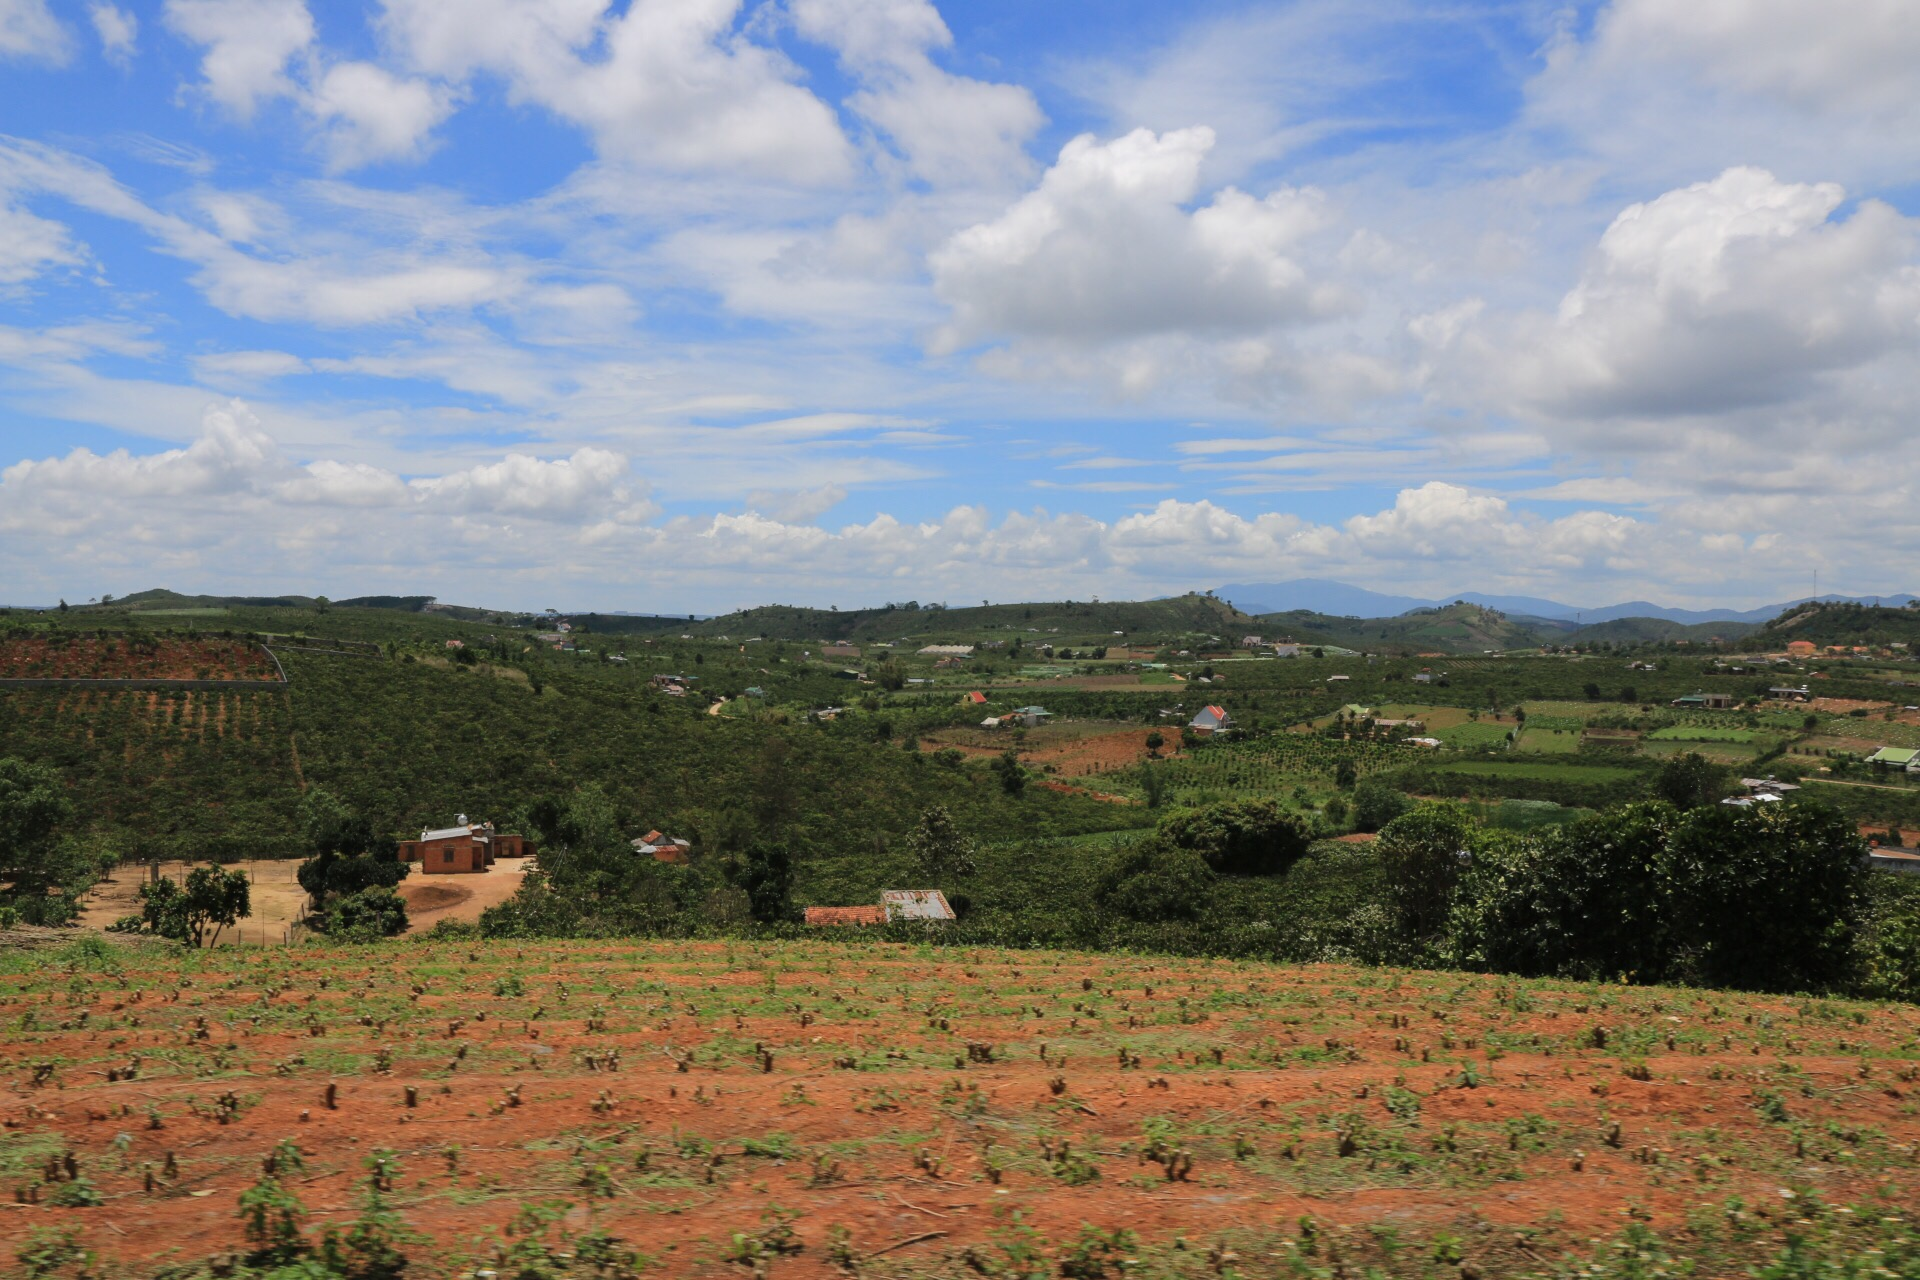 Das Hochland von Dalat liegt etwa 1400 bis 1500 Meter über dem Meeresspiegel.